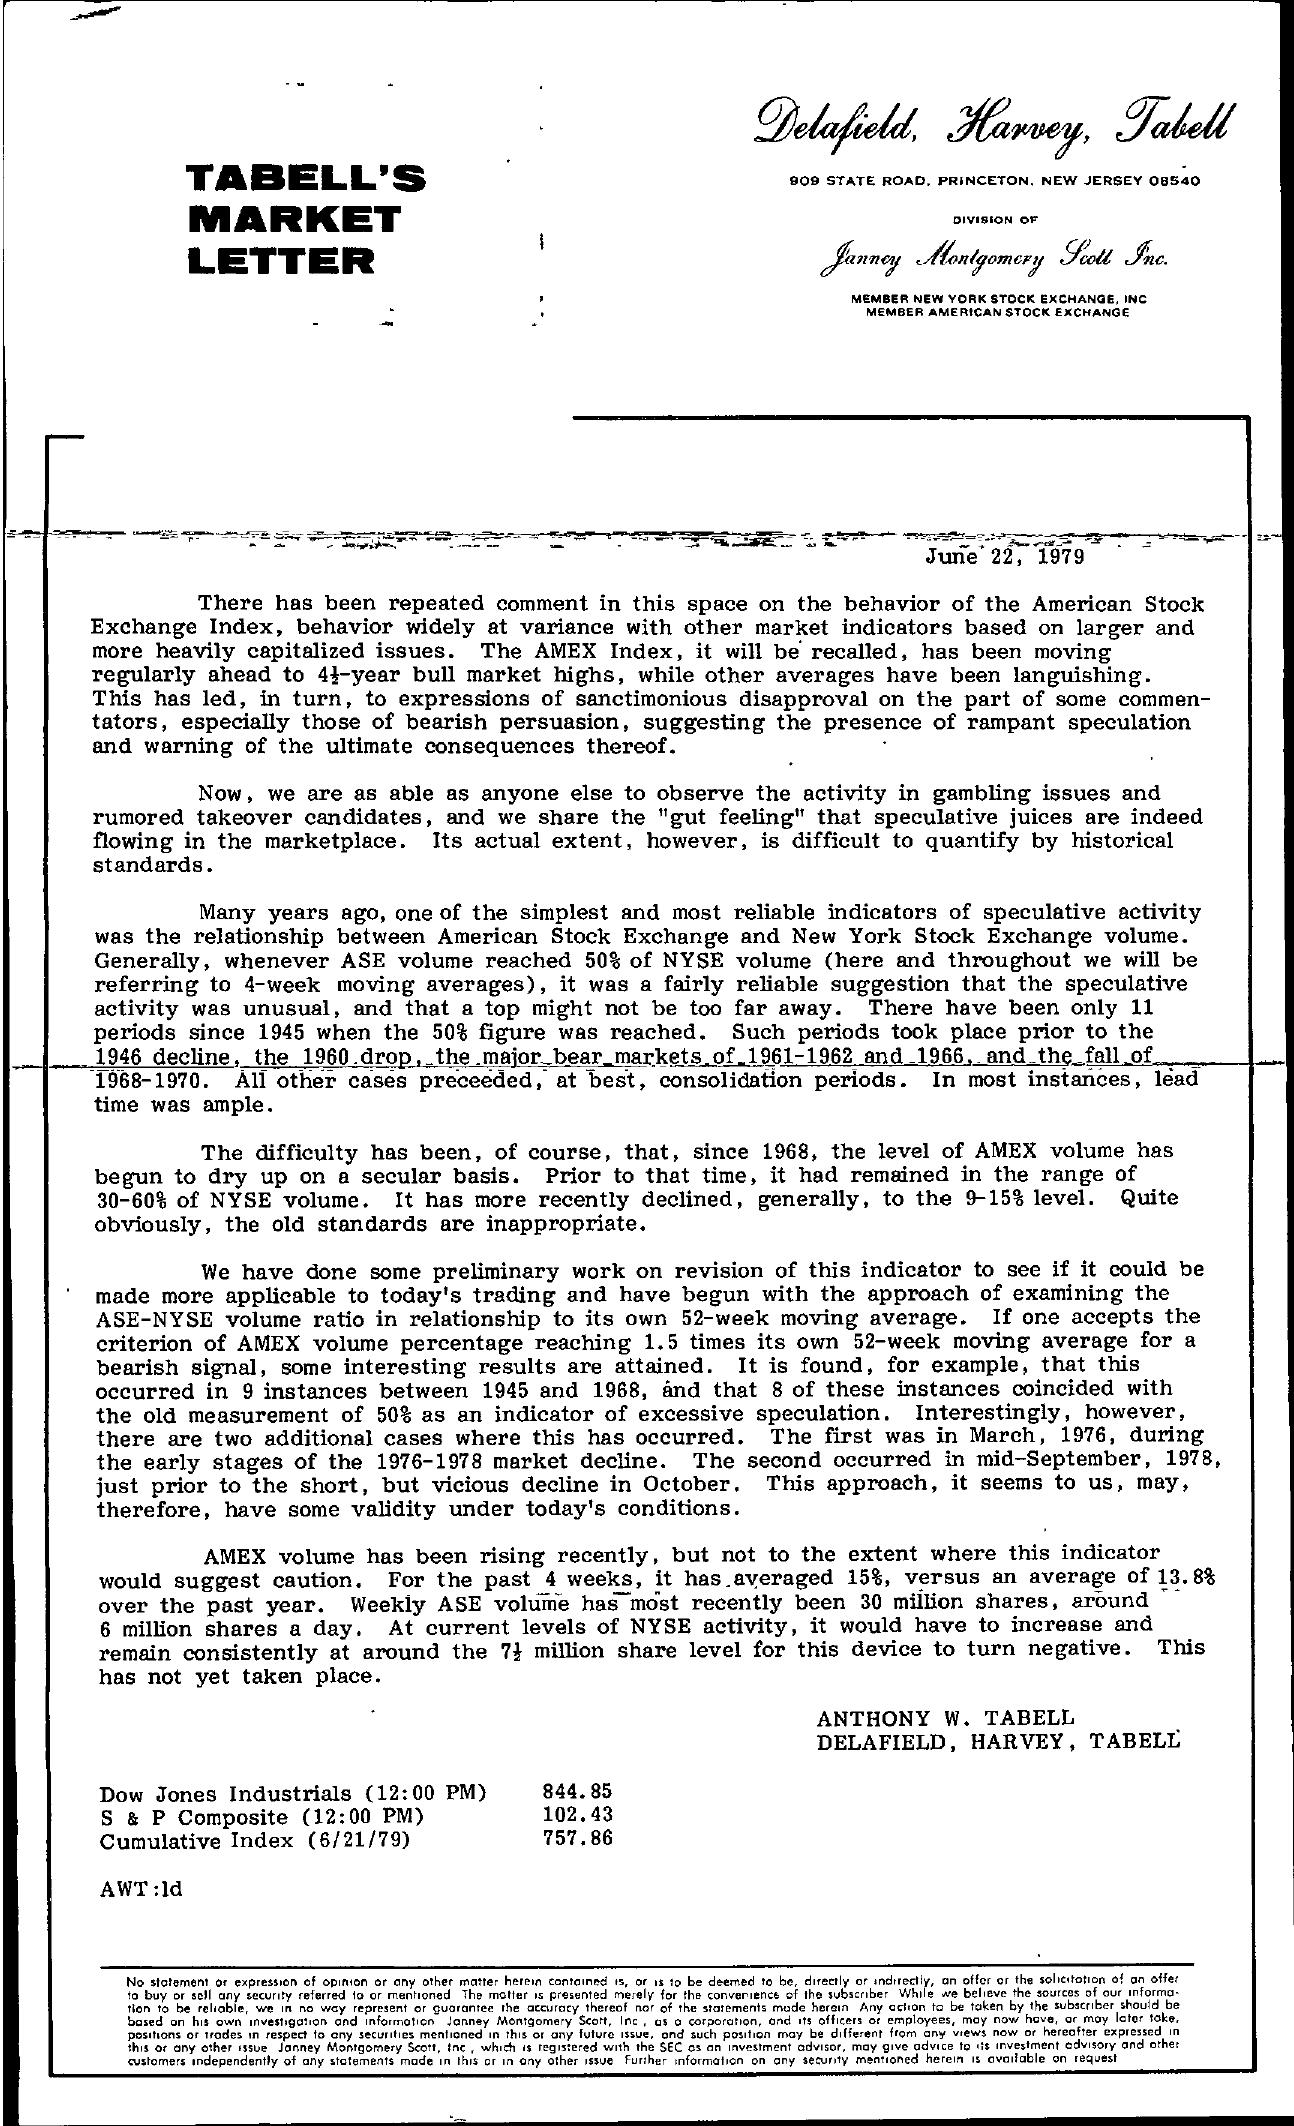 Tabell's Market Letter - June 22, 1979